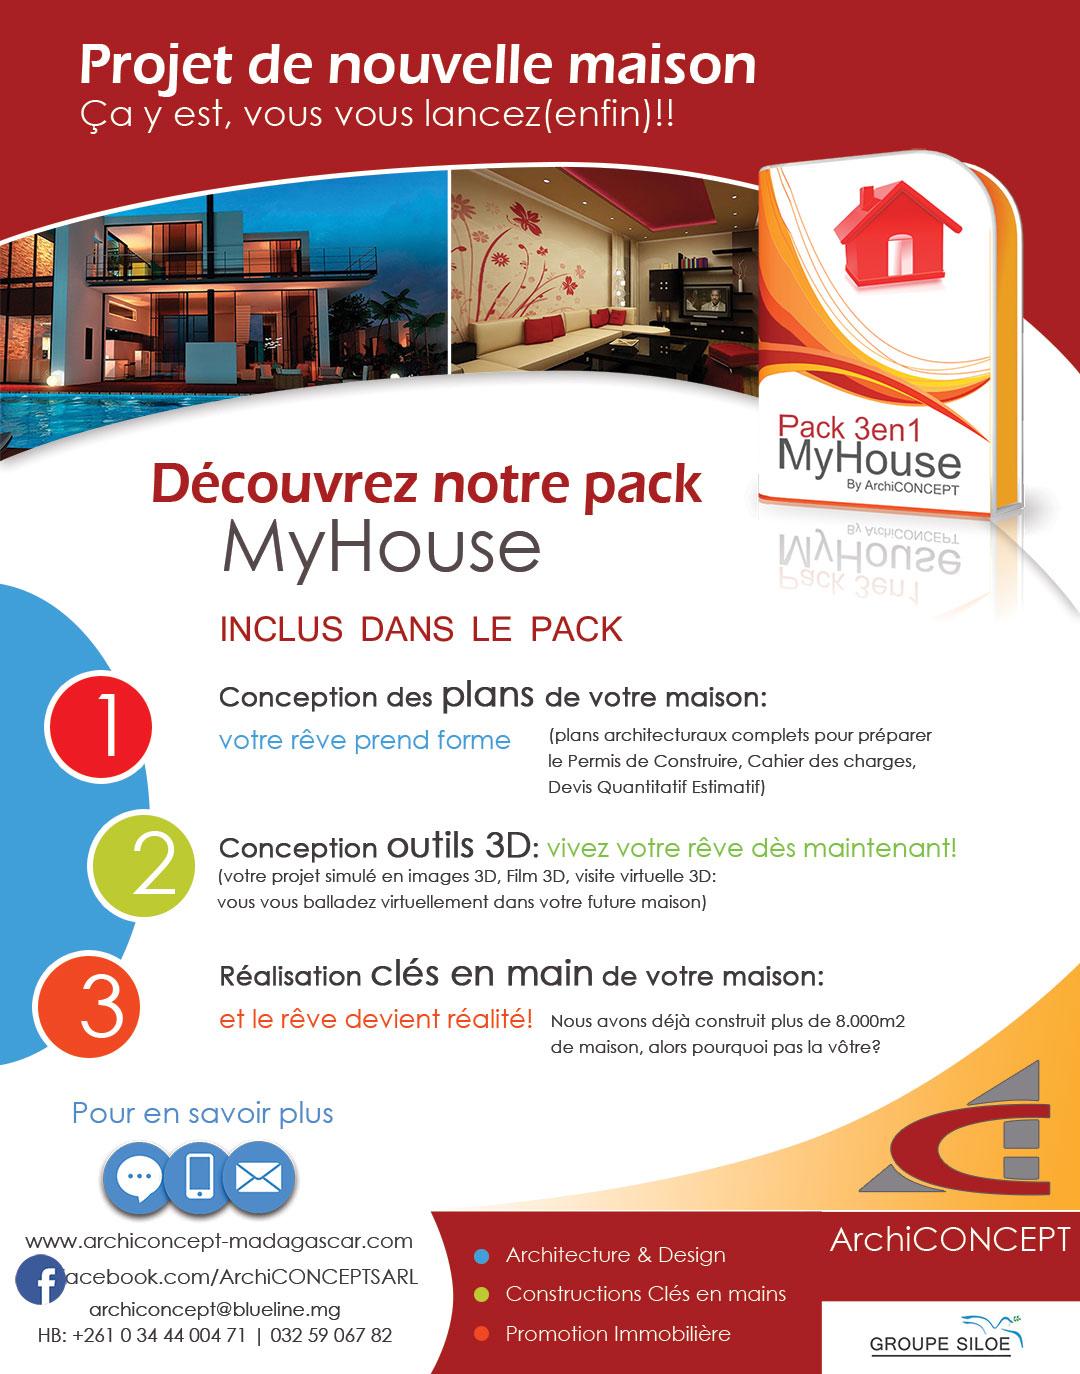 Pub-ArchiCONCEPT-Passion-Maison-Deco-Novembre-2015